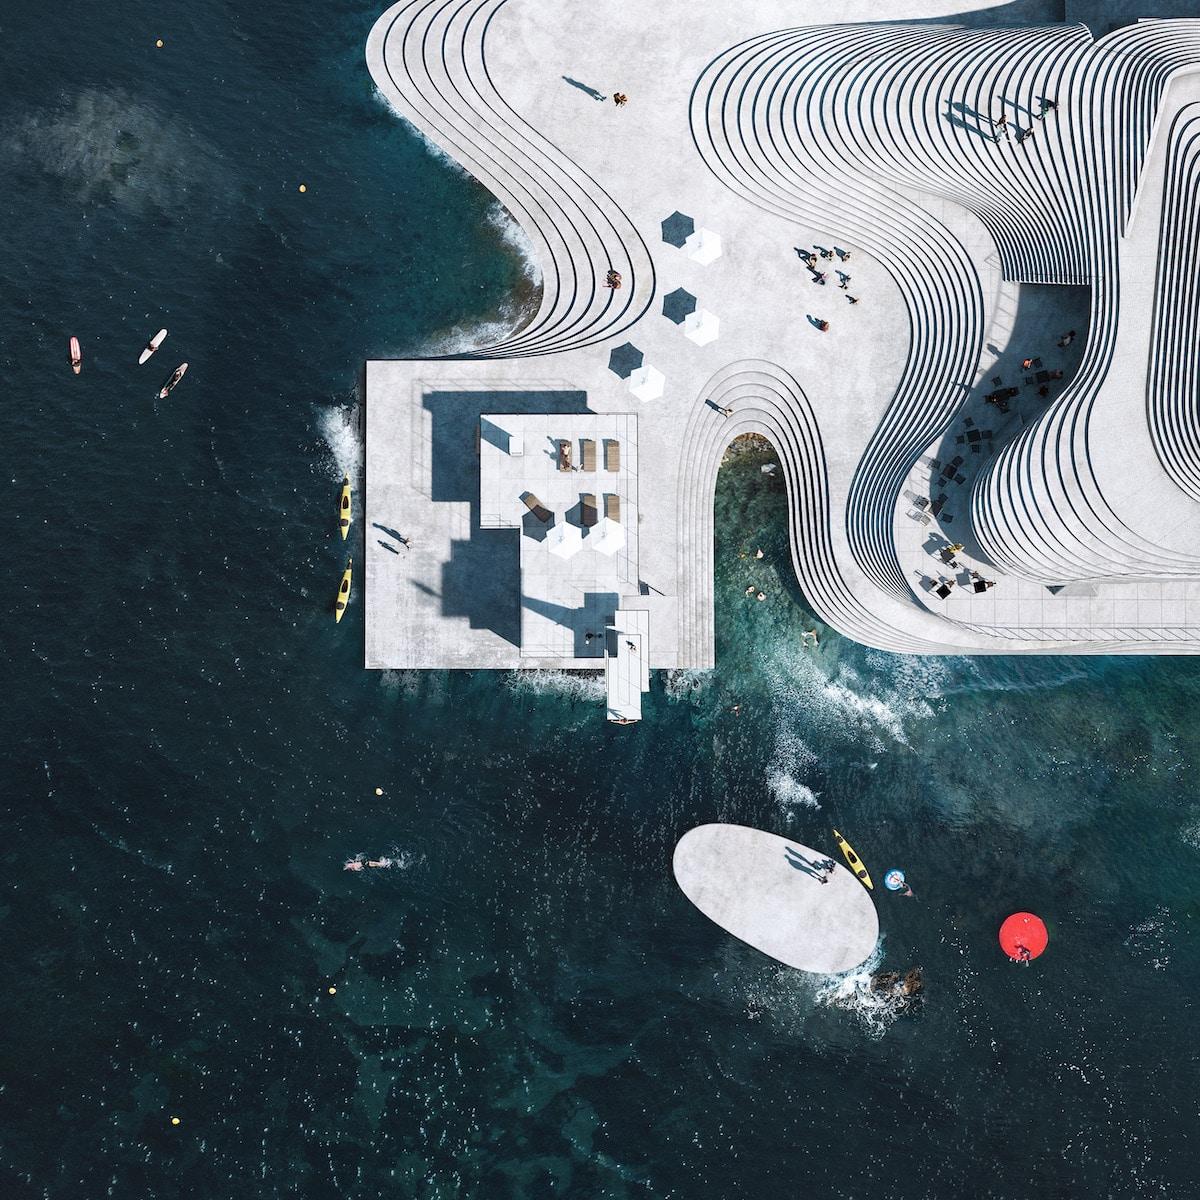 Aerial View of Knubben Harbor Bath Redesign by Snøhetta